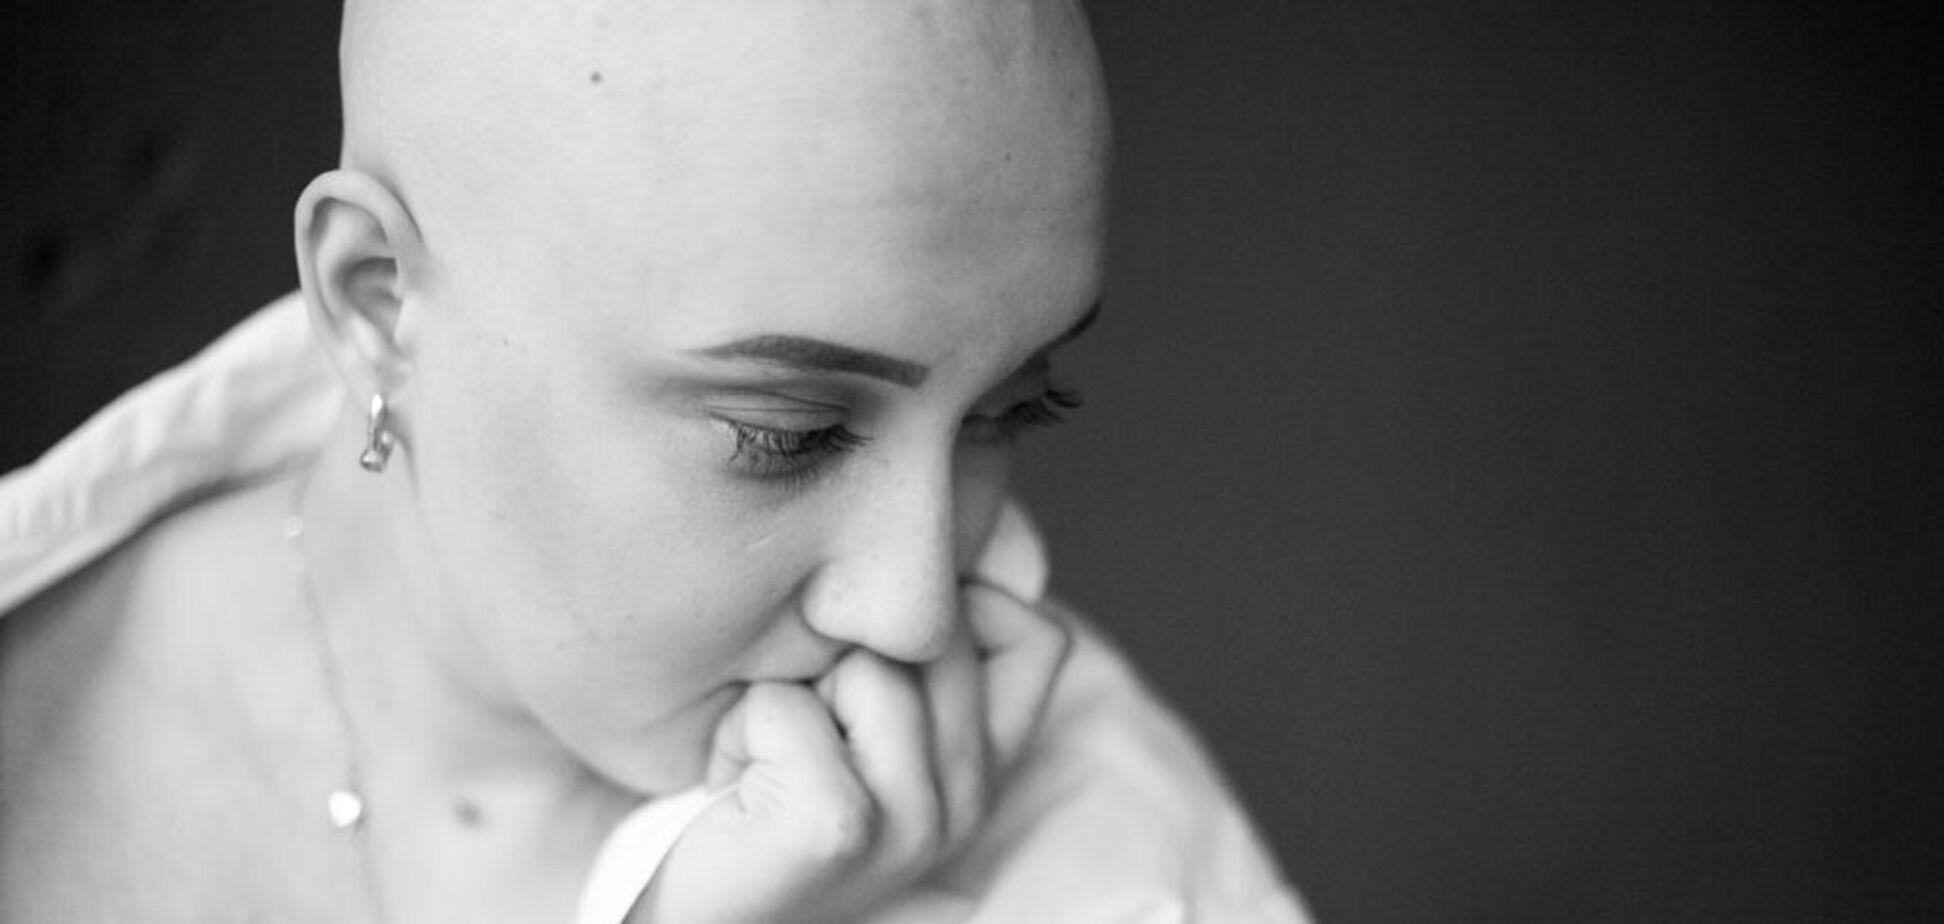 В 27 у девушки случился рецидив – снова рак...